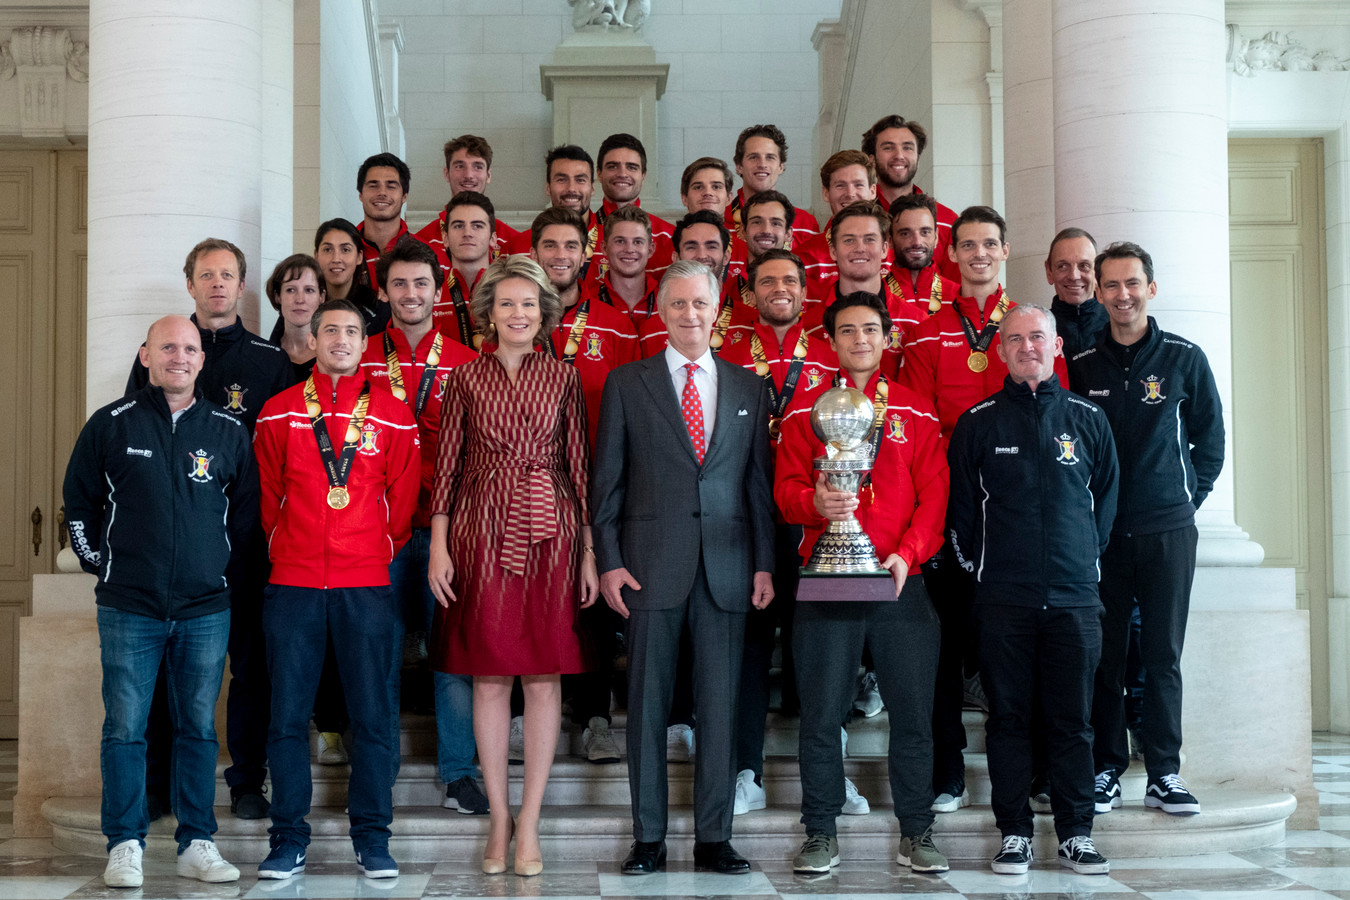 De Red Lions met hun WK-Trofee op bezoek bij Koning Filip in 2018.